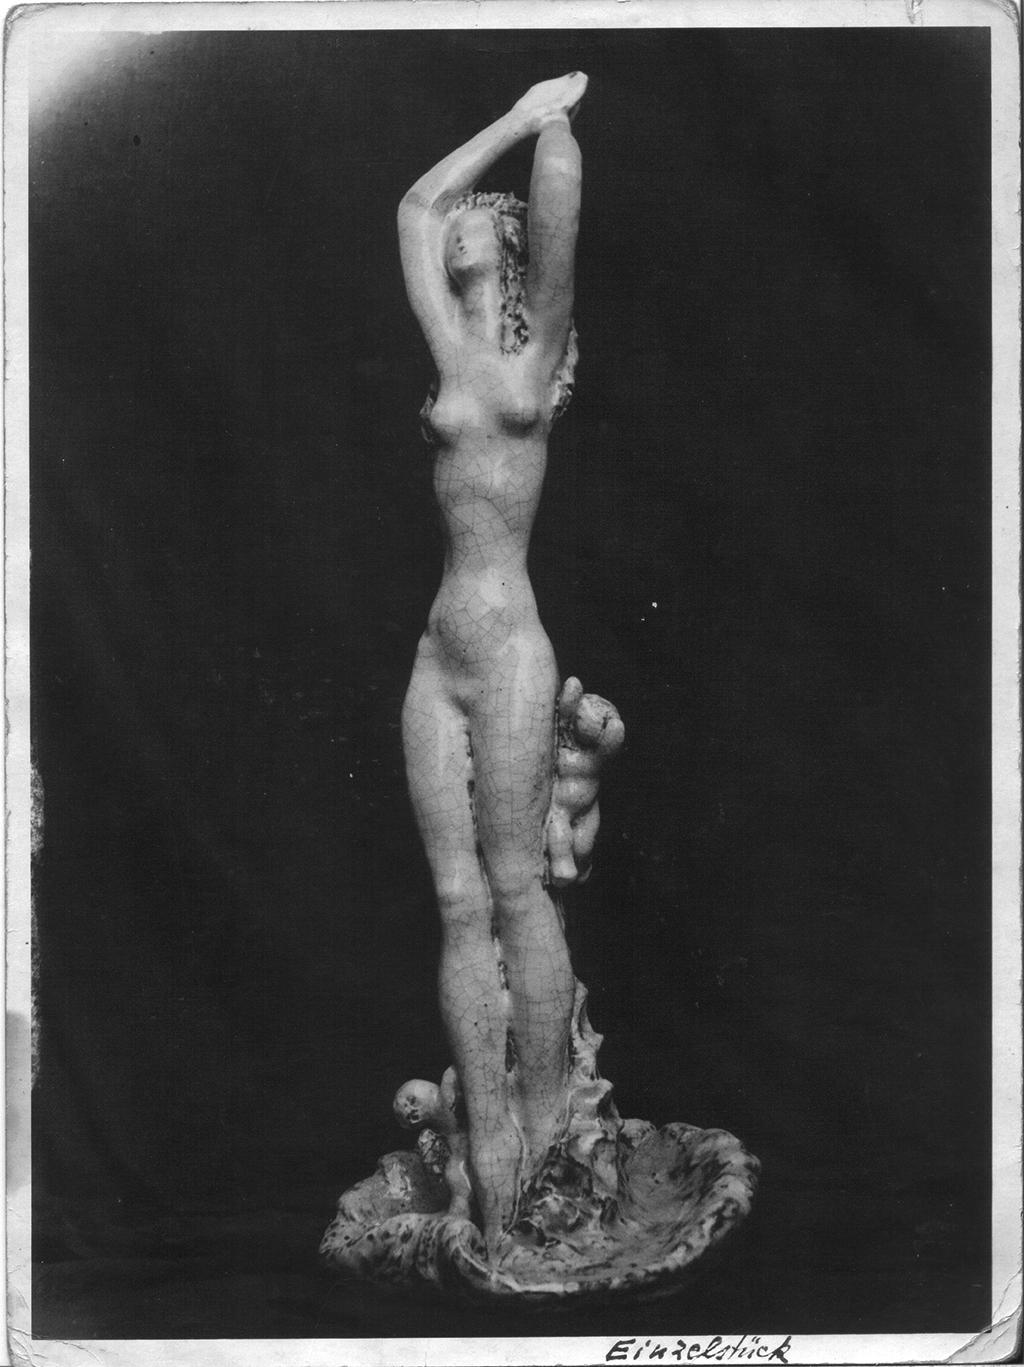 93 Enrico Carmassi opere perse